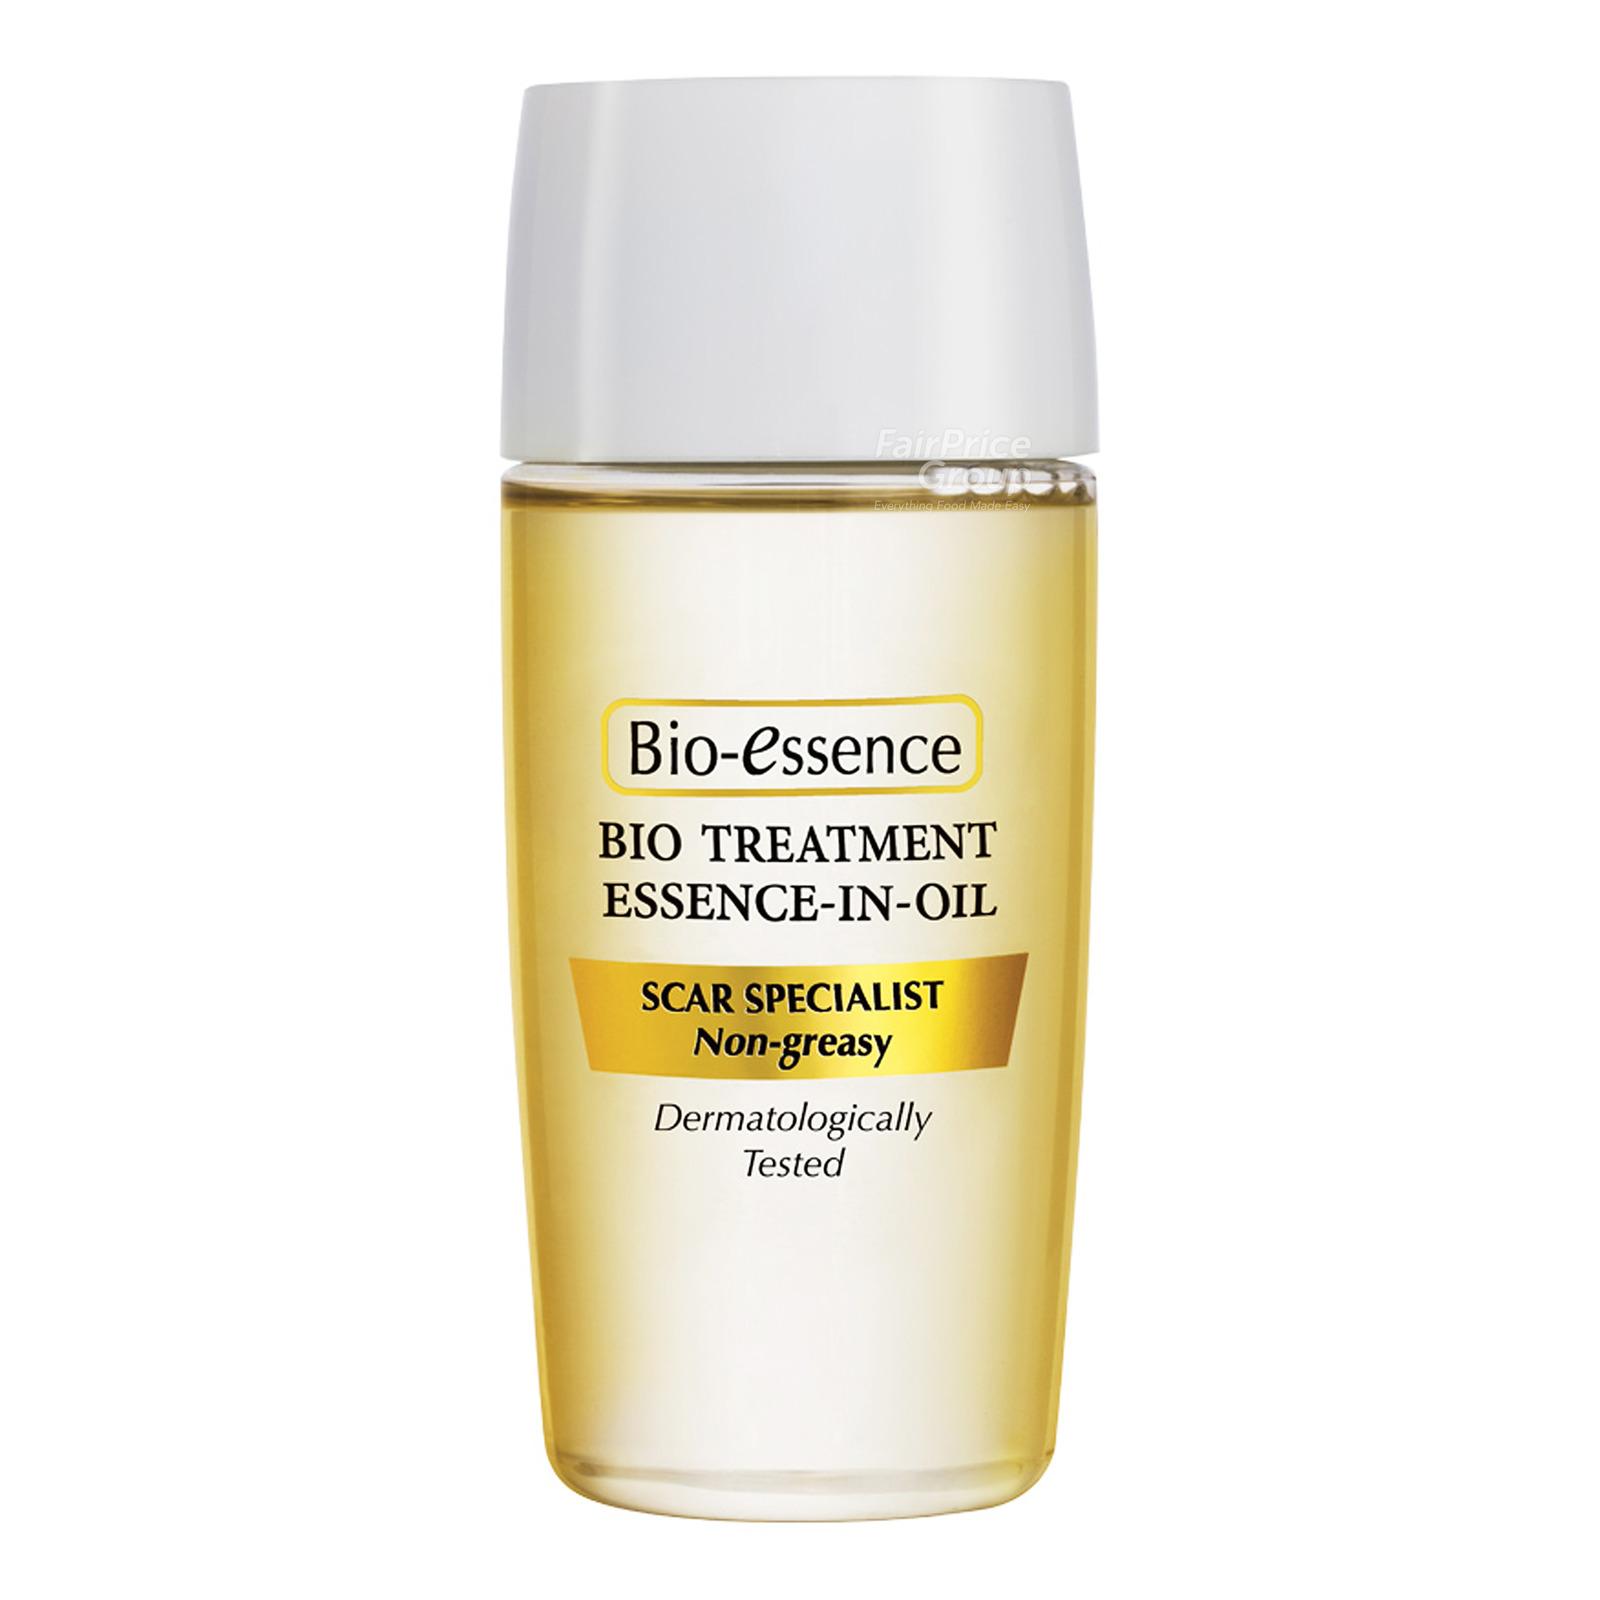 Bio-Essence Bio Treatment Essence-in-Oil - Non-greasy